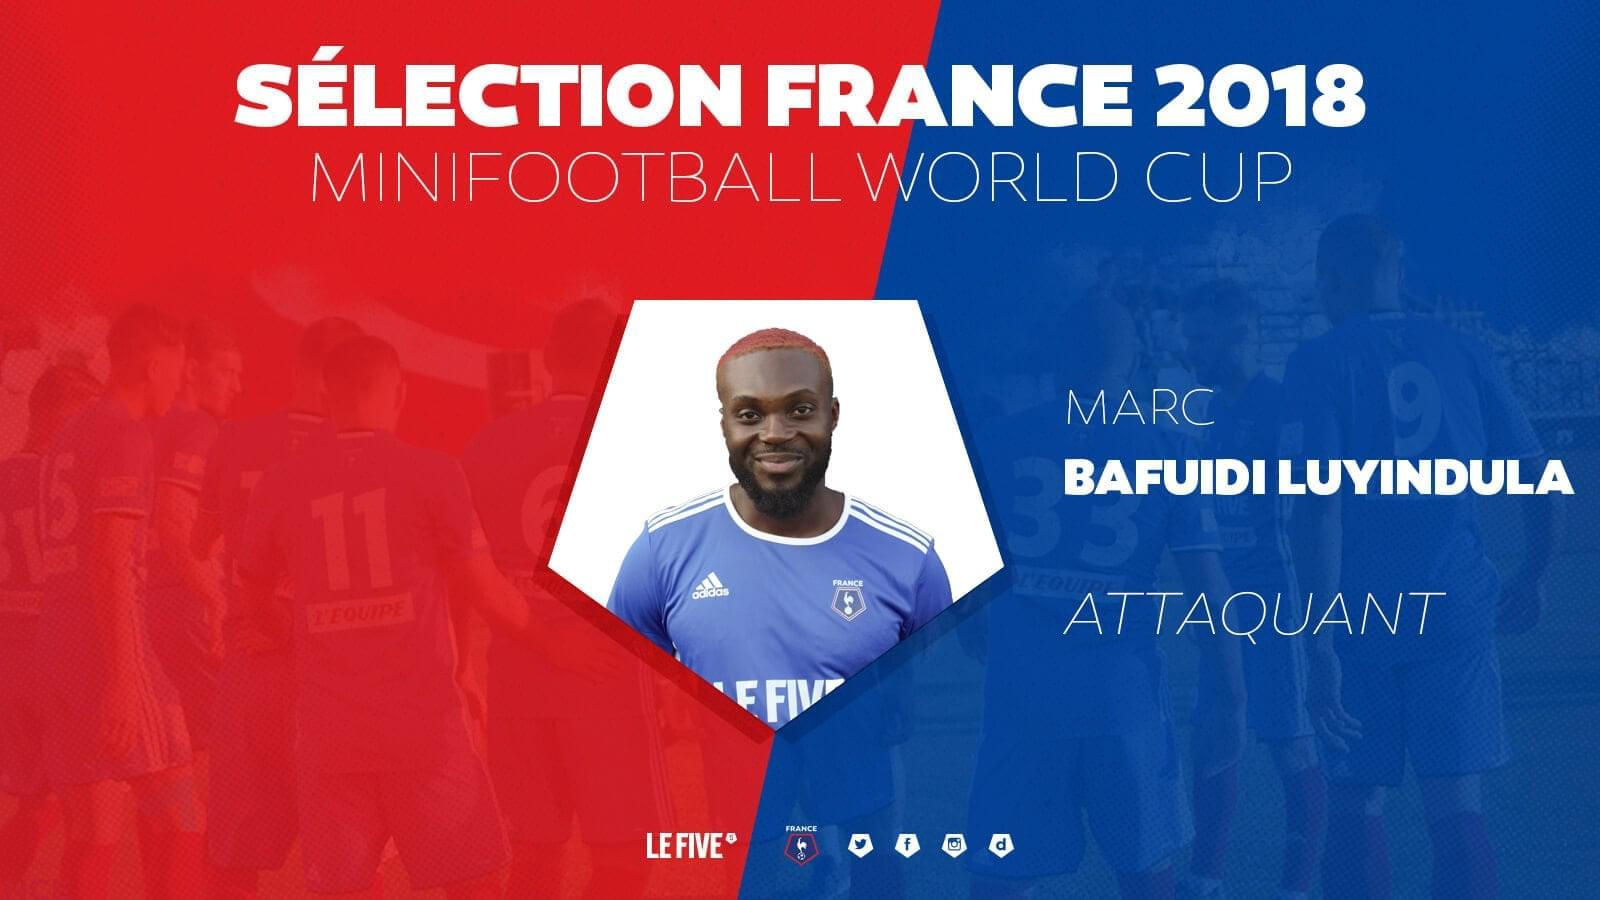 Marc Bafuidi Luyindula